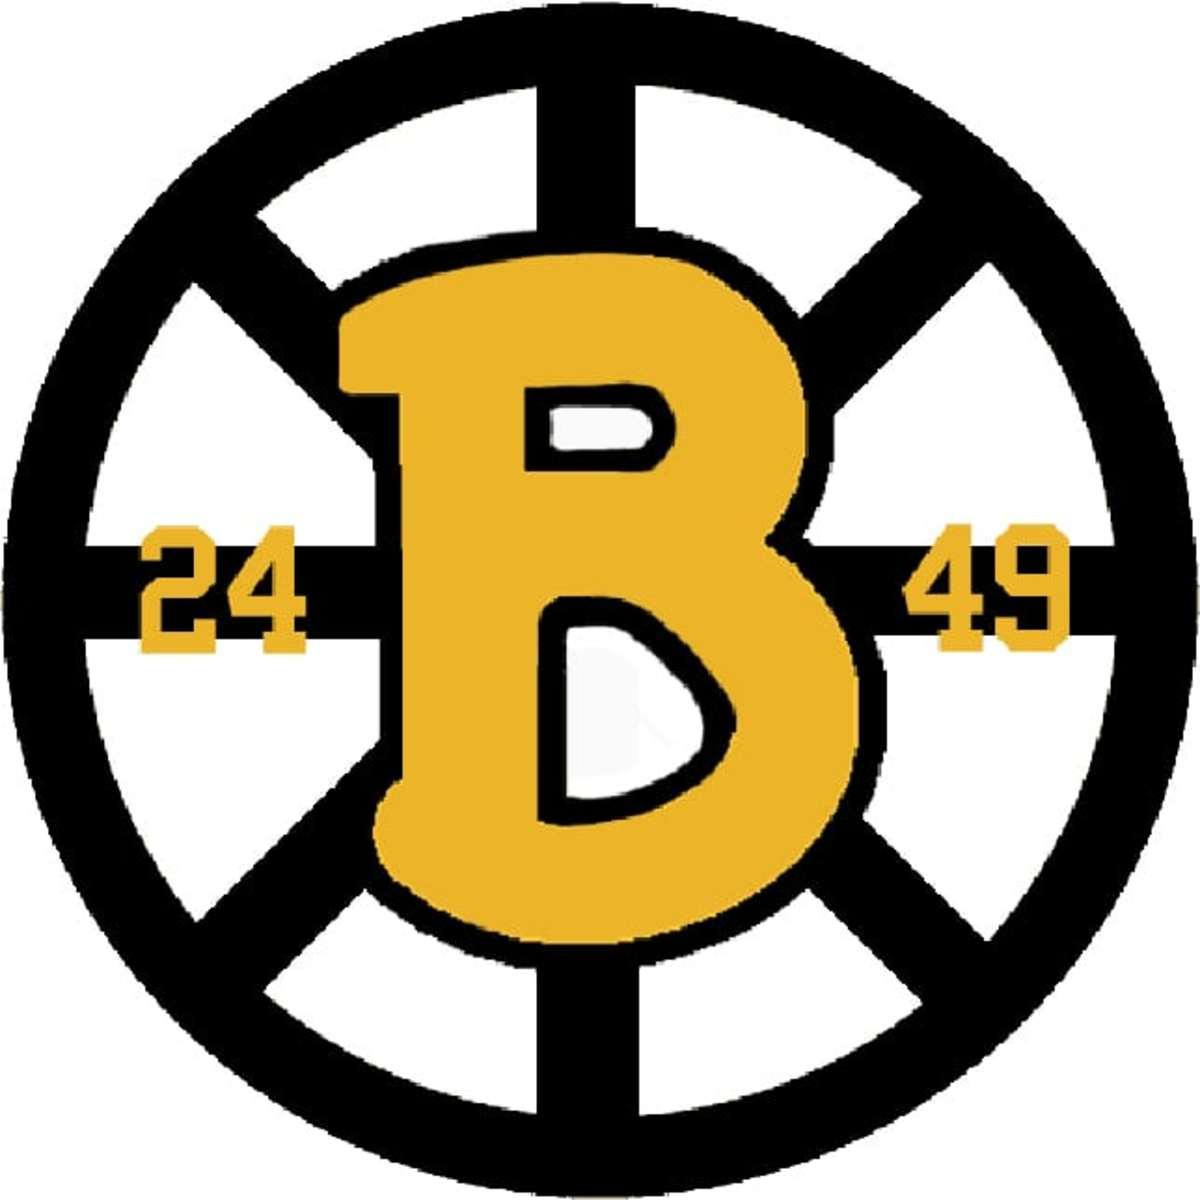 c331e8b1239 NHL logo rankings No. 7  Boston Bruins - TheHockeyNews